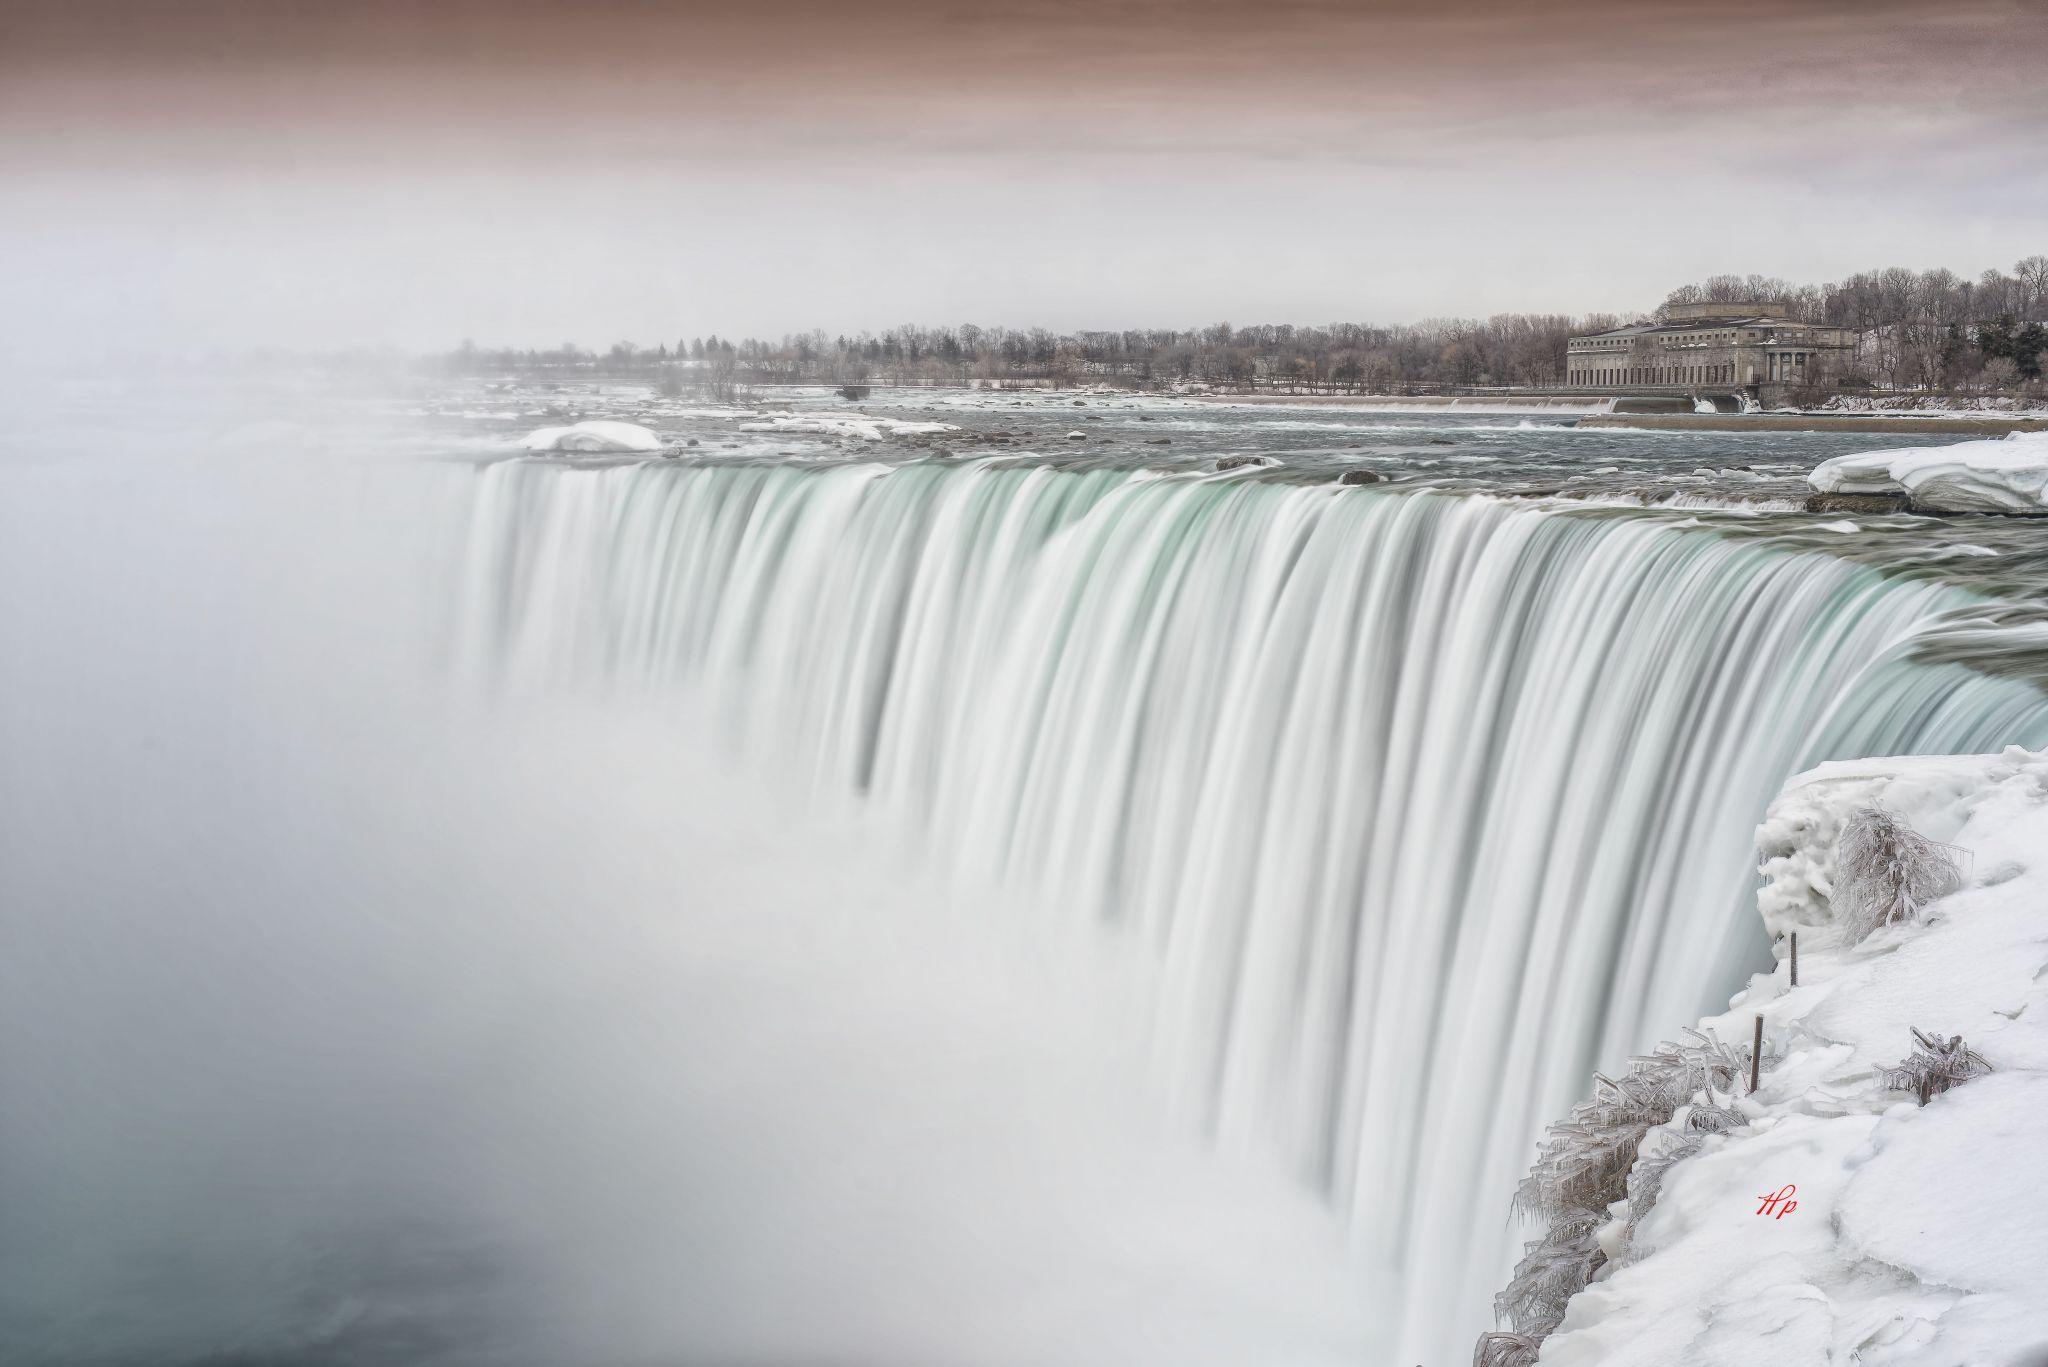 Sunrise at the Falls, Canada